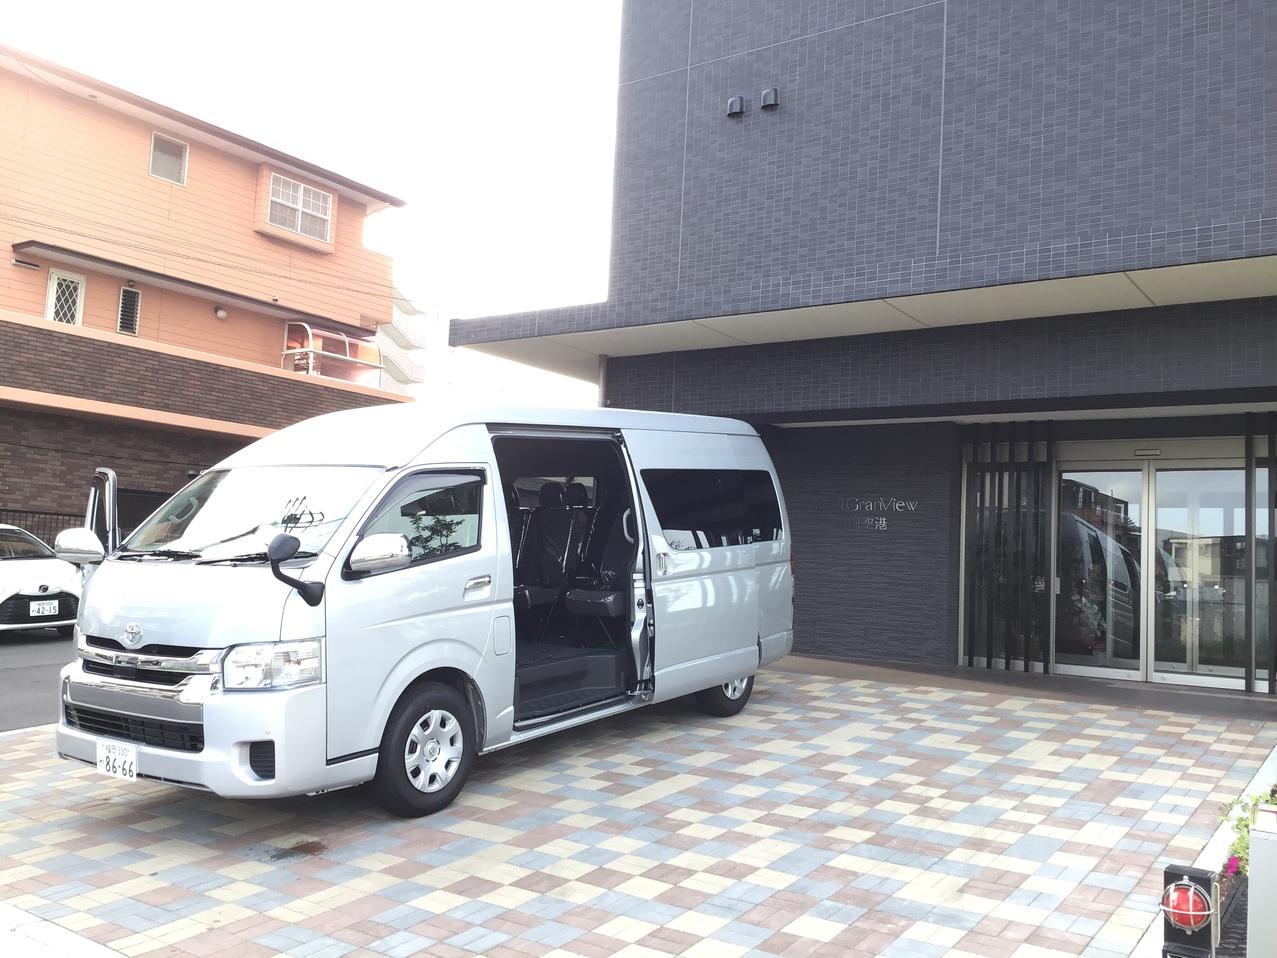 ホテル福岡空港送客バス